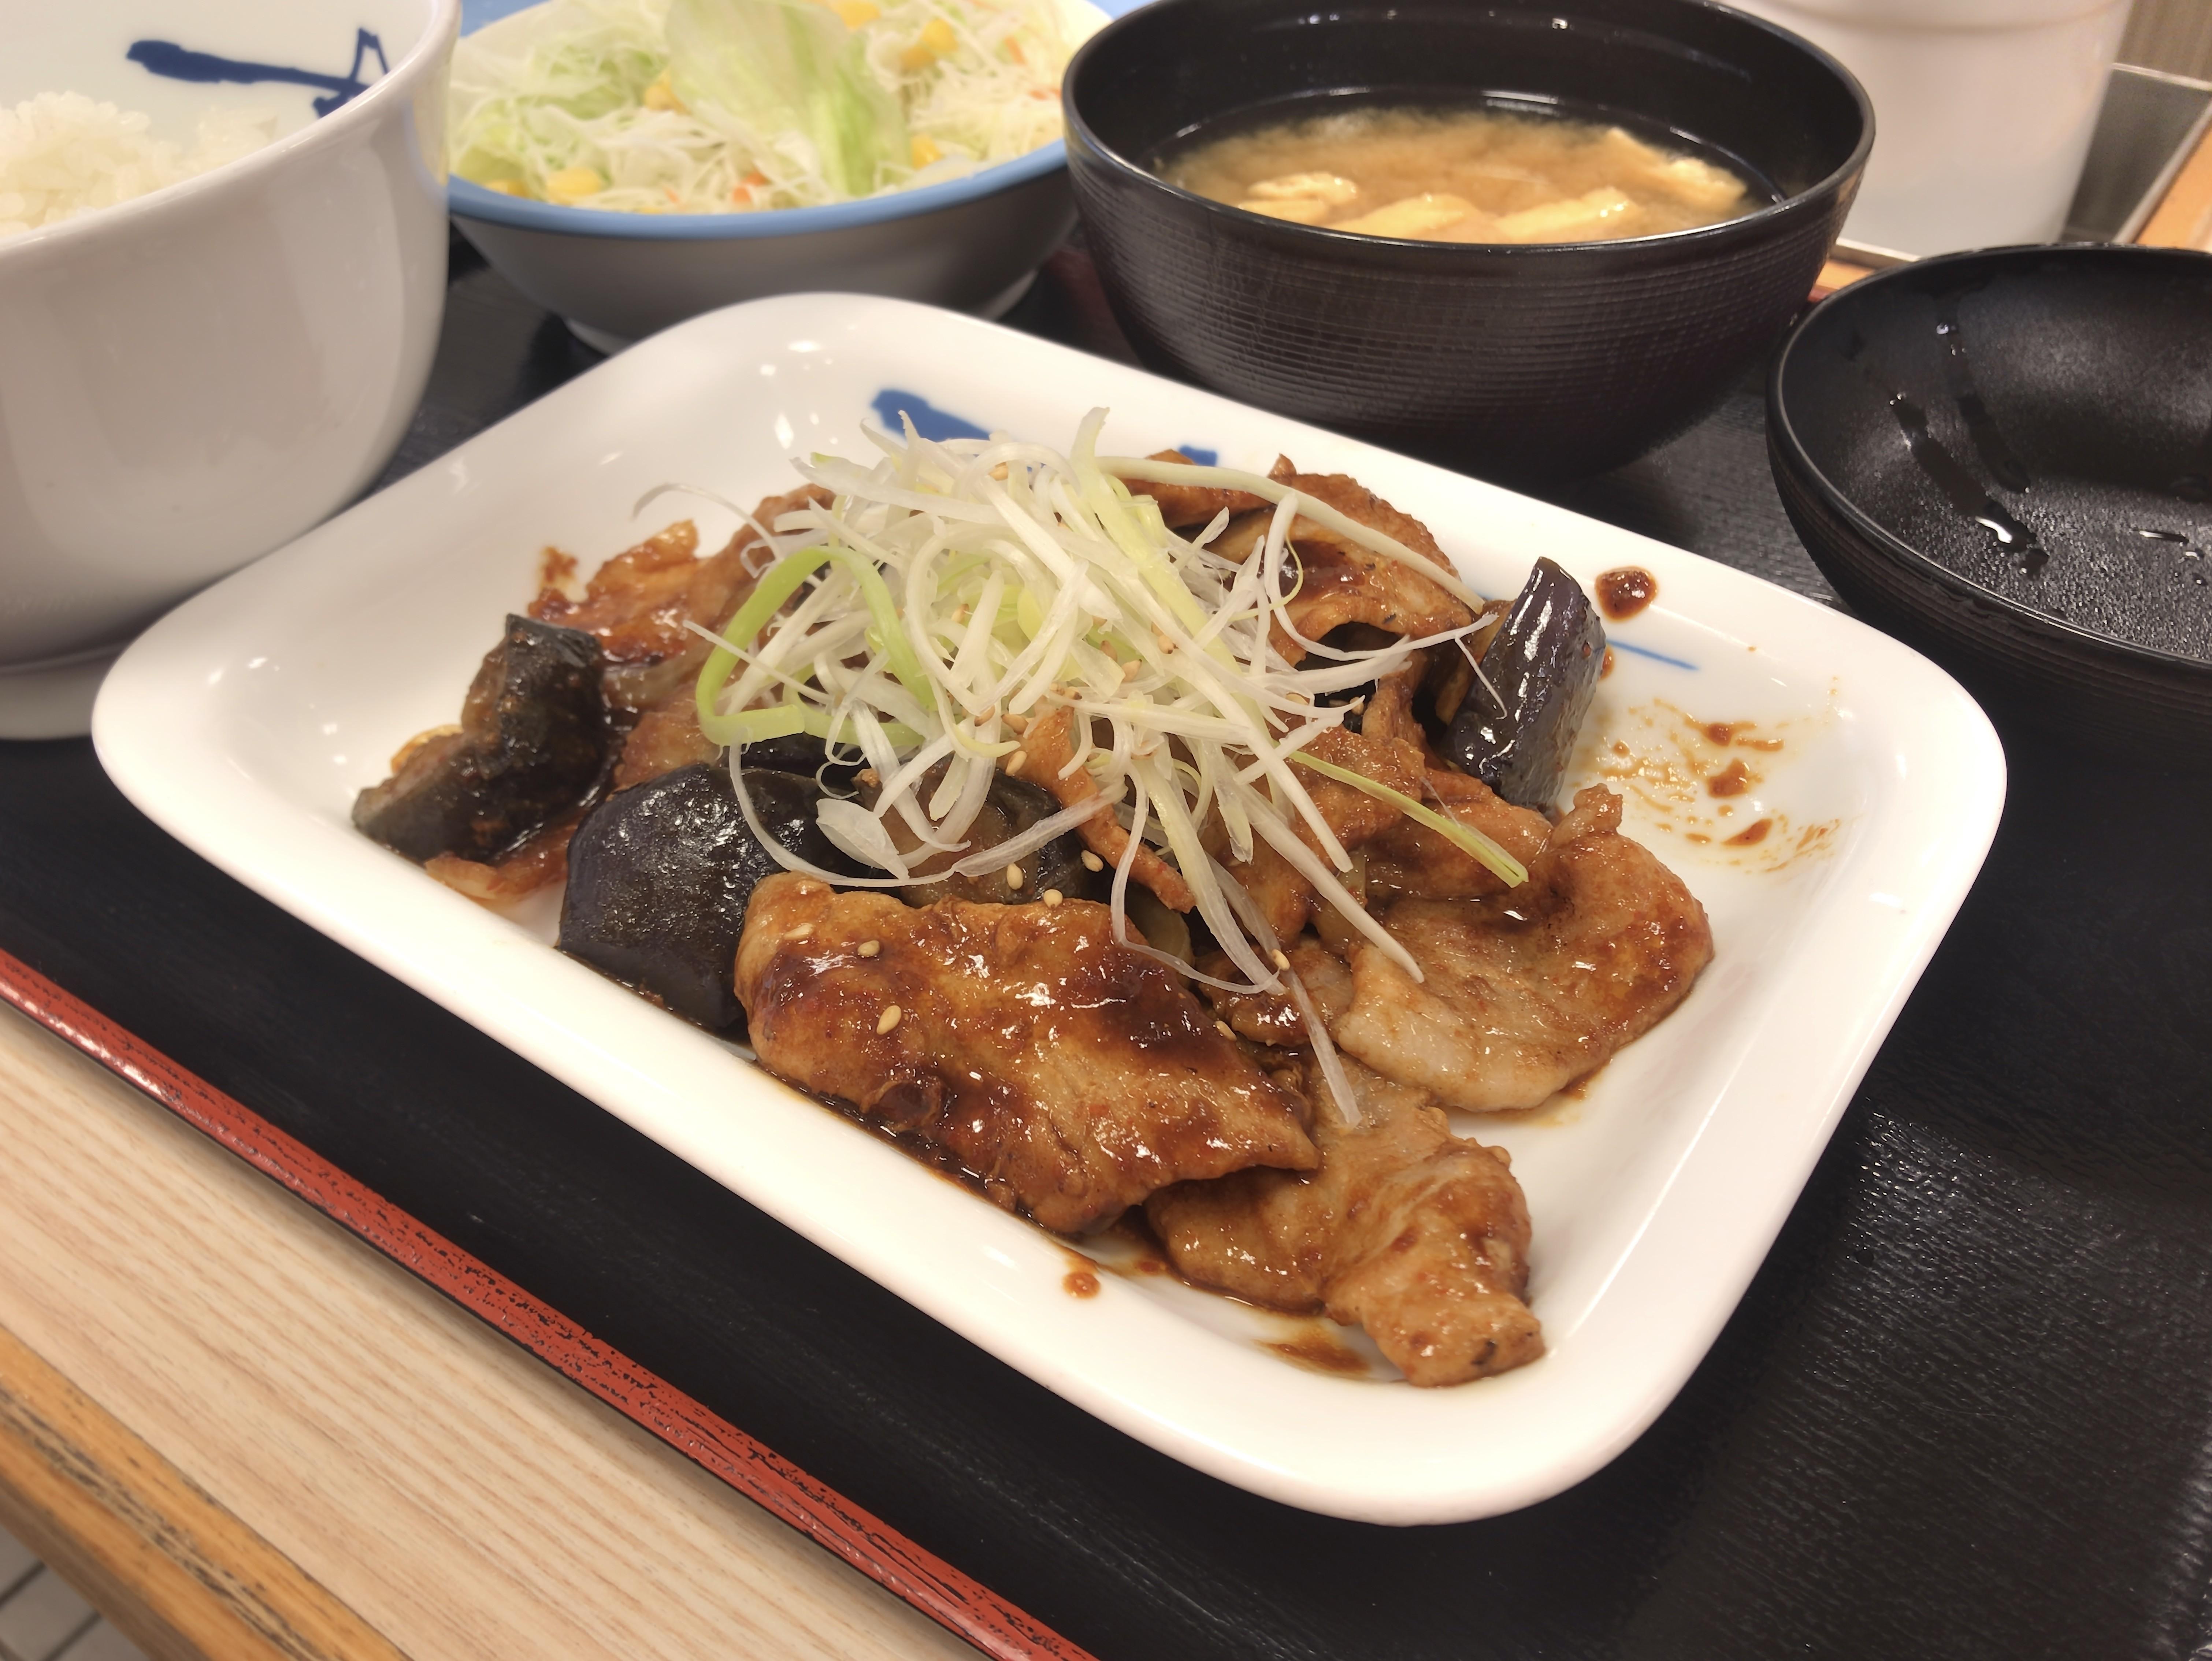 松屋 豚と茄子の辛味噌炒め定食 税込み630円 961kcal